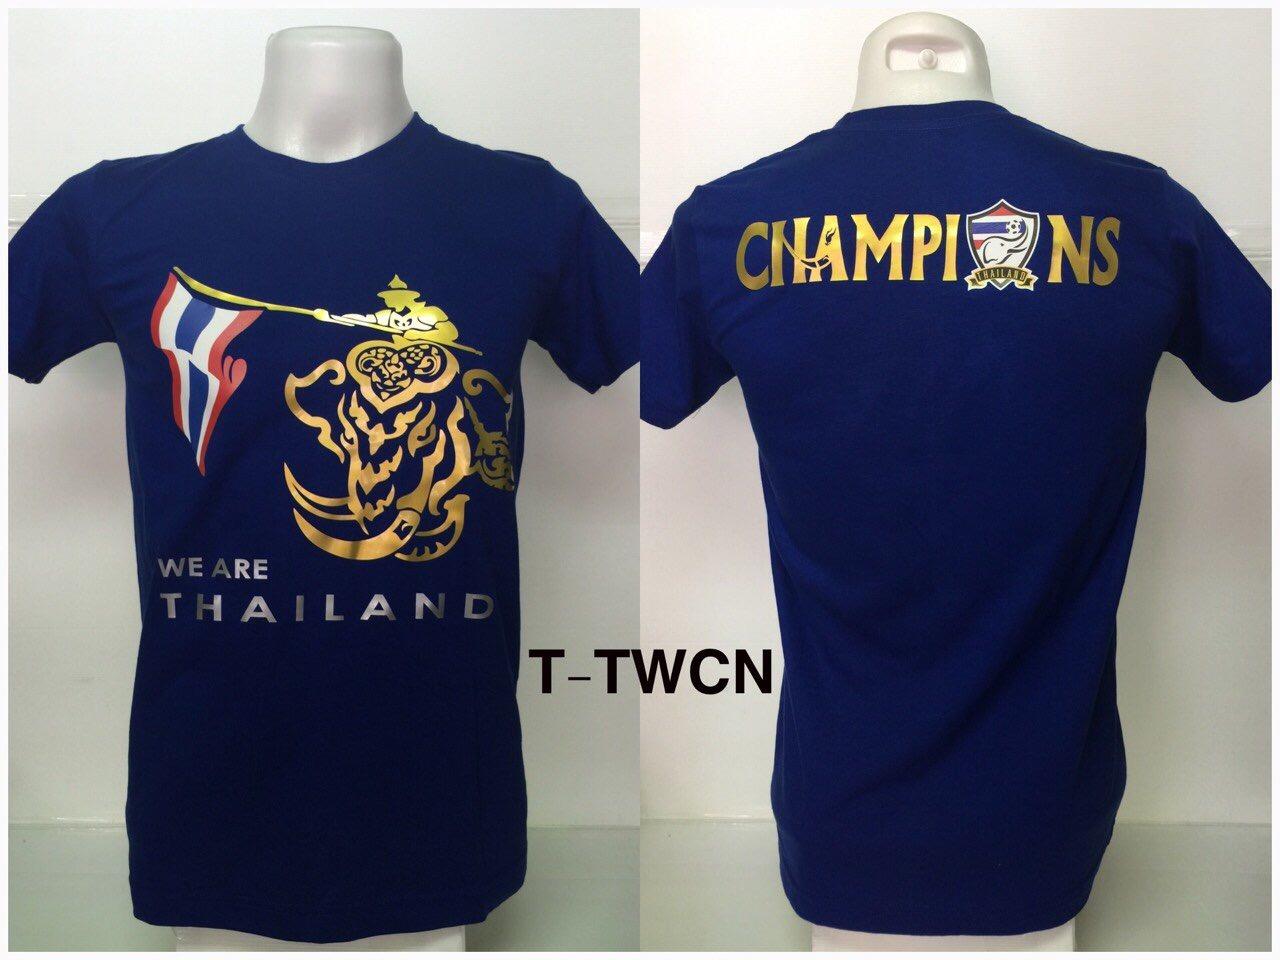 เสื้อยืด ทีมชาติไทย ลาย We Are Thailand สีน้ำเงิน T-TWCN